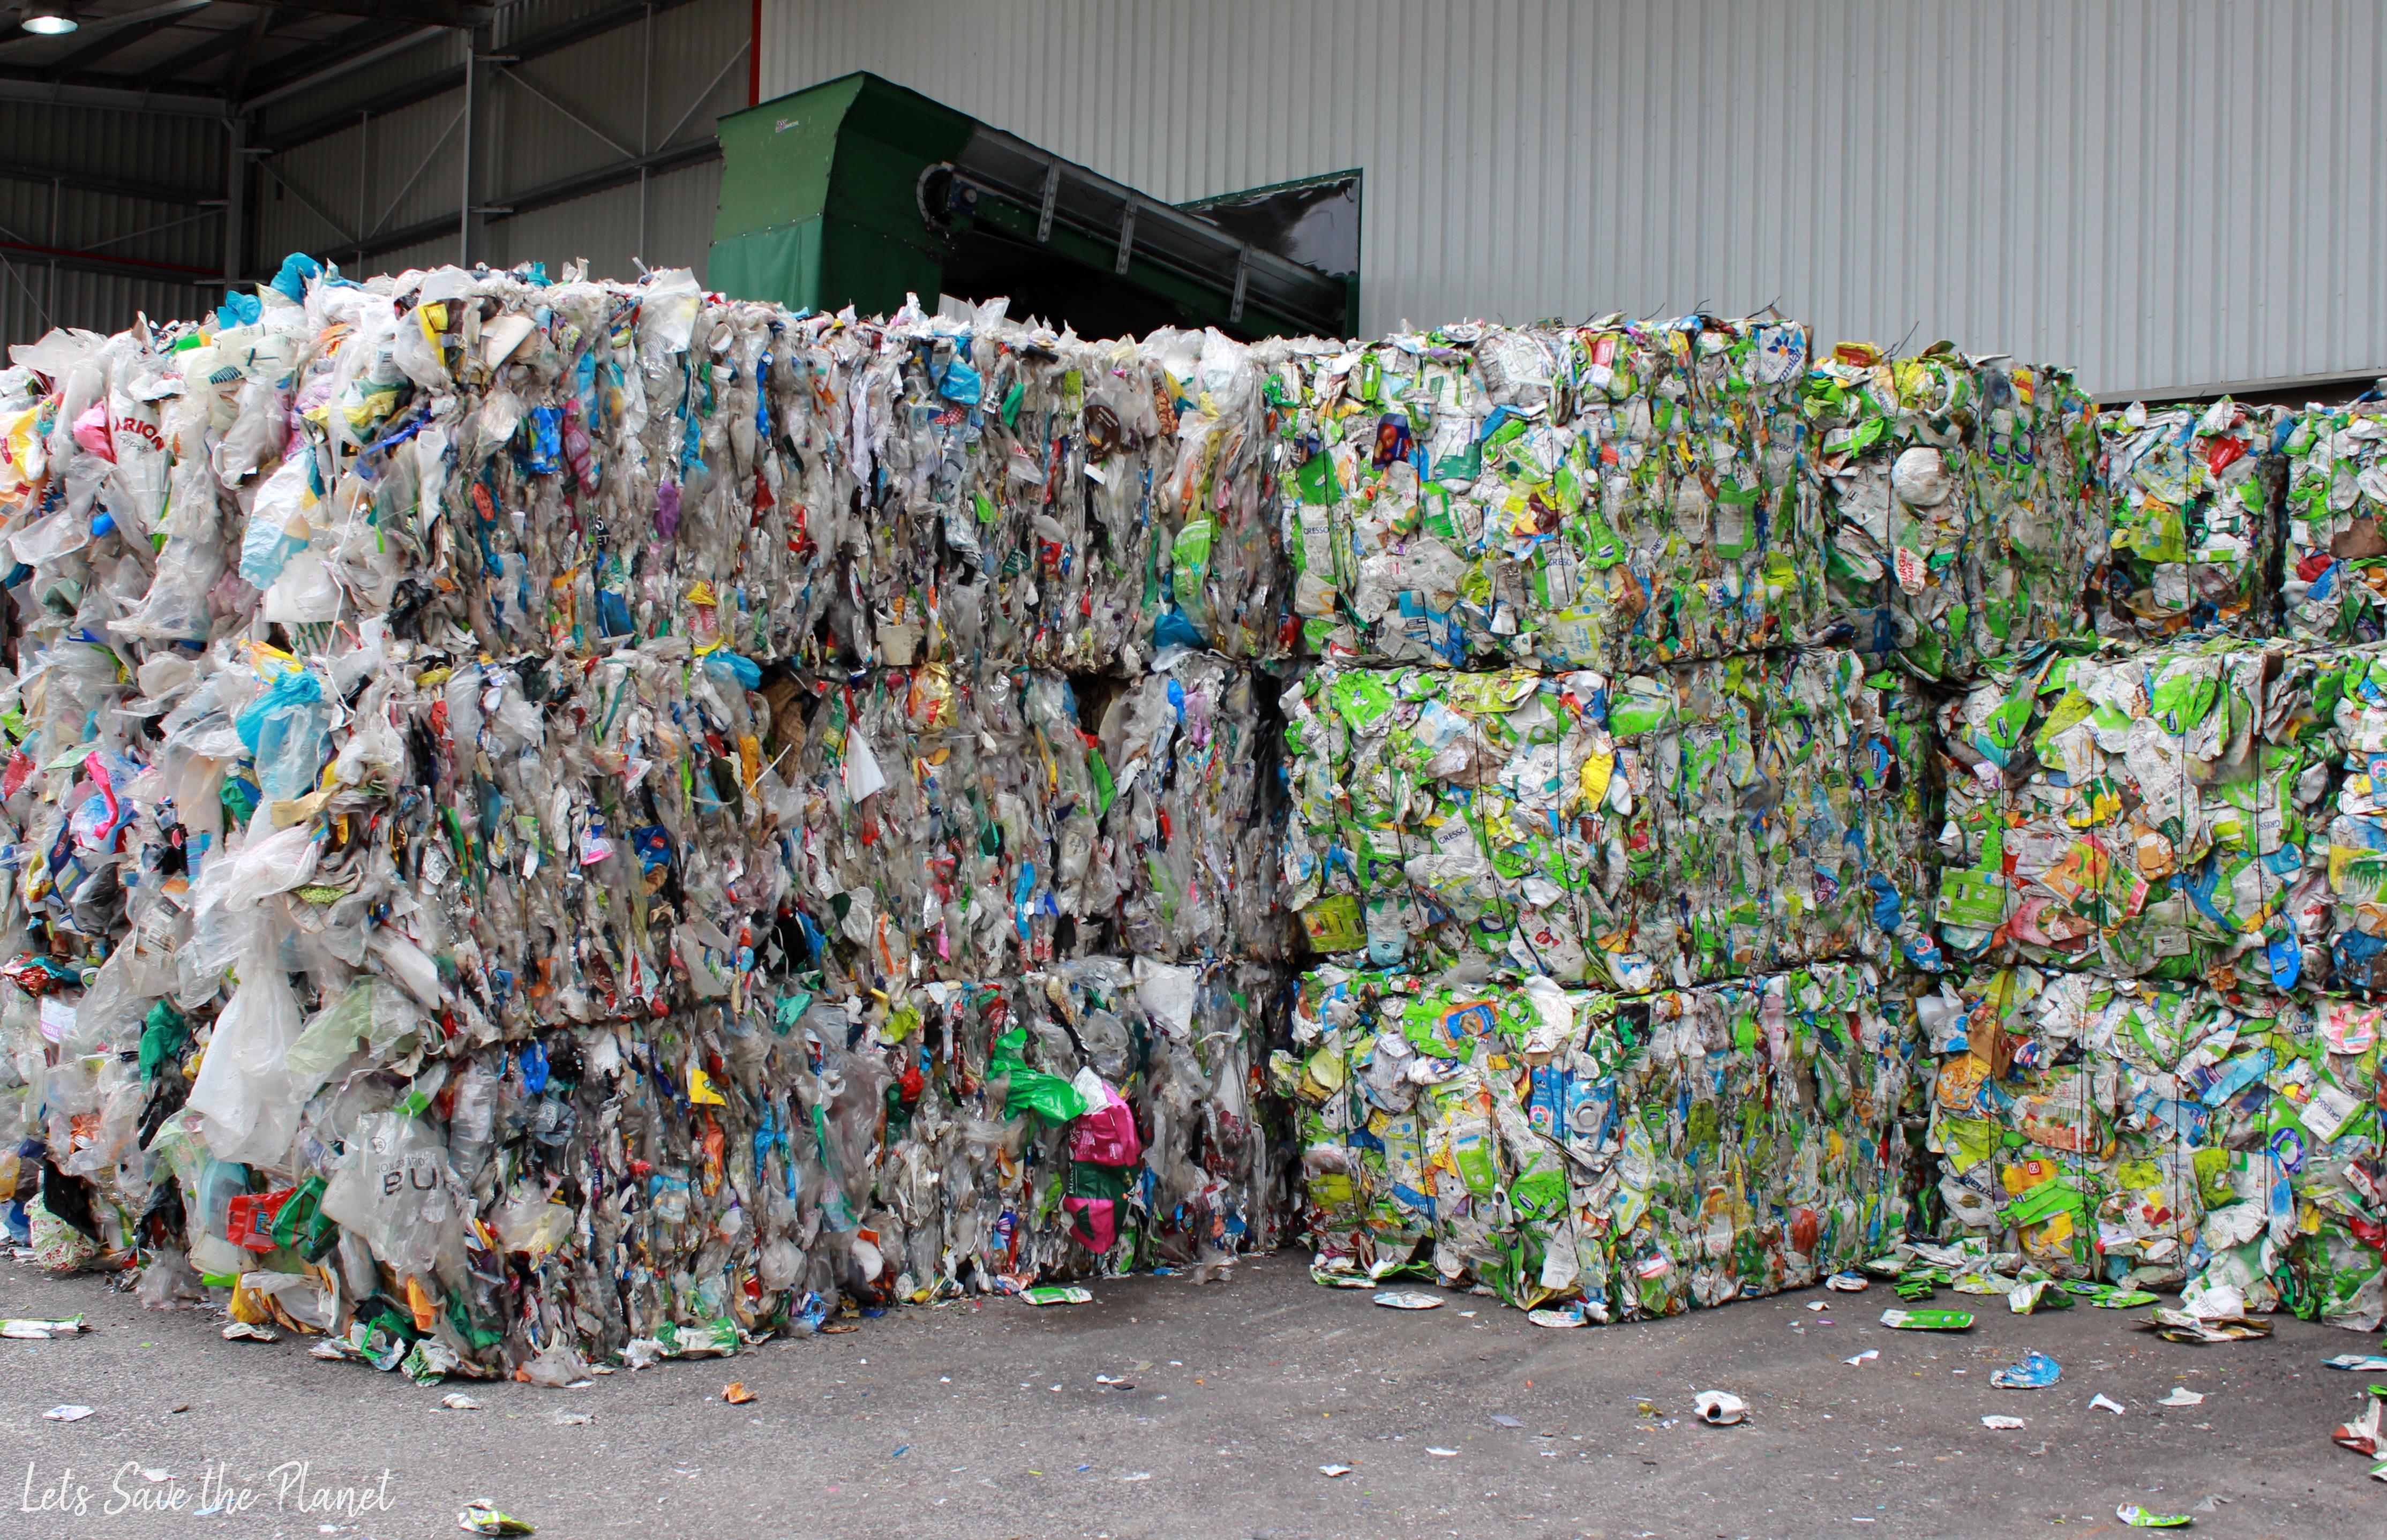 Prensas de pacotes de leite e sumos com prensas de sacos de plástico e outros descartáveis. tudo pronto a ser reciclado